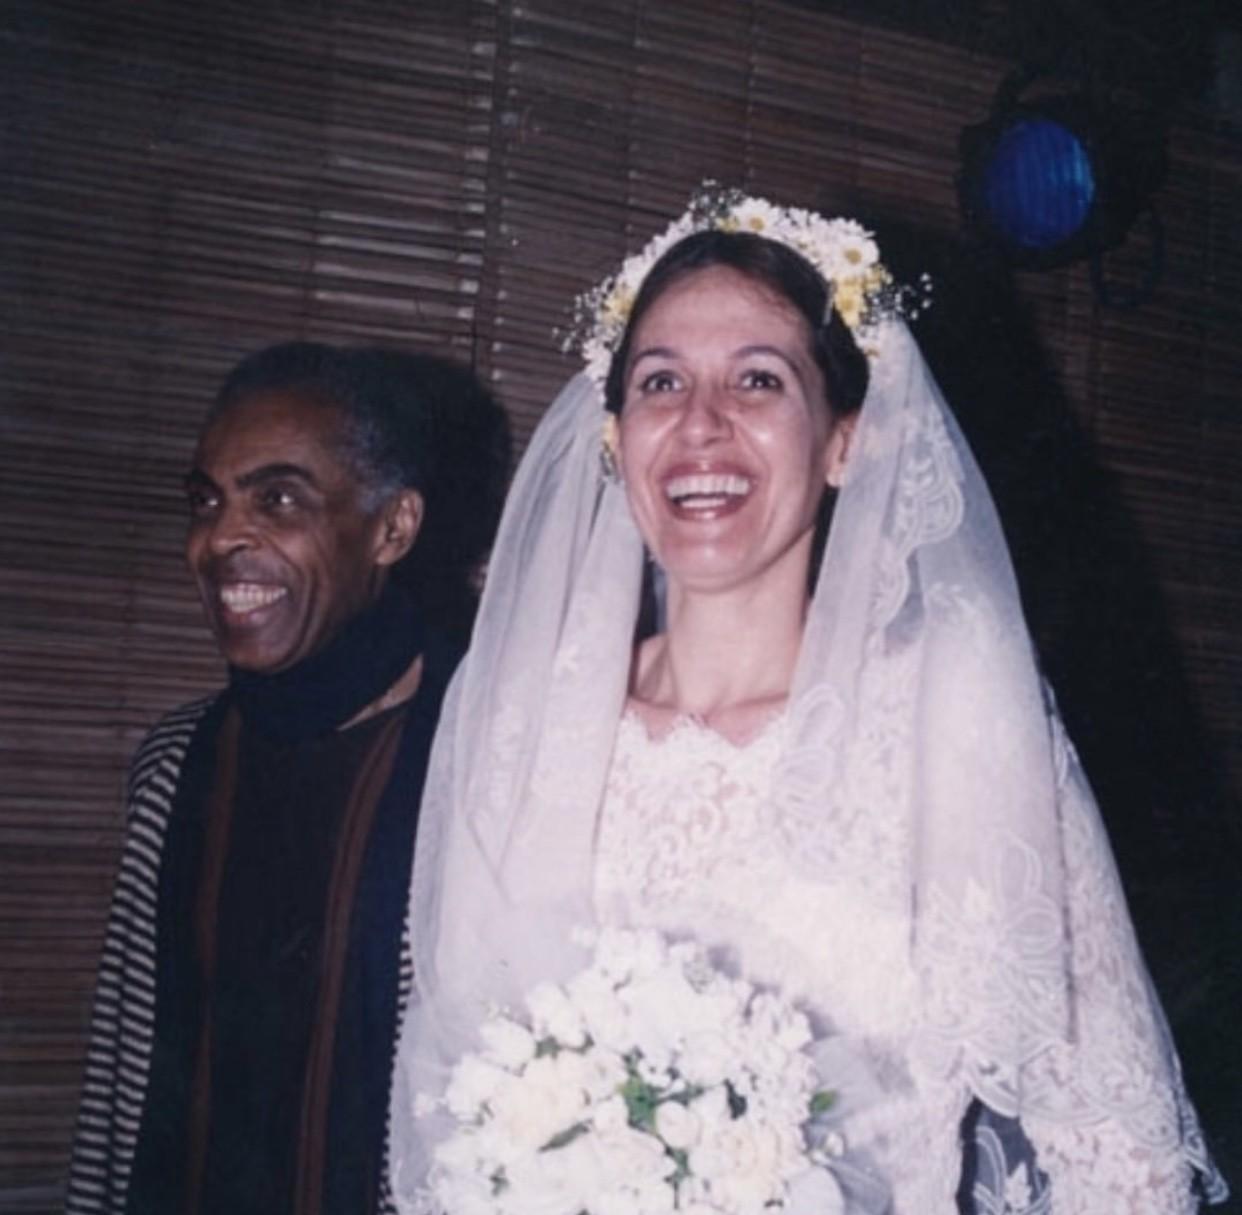 O casamento de véu e grinalda (Foto: Reprodução Instagram)